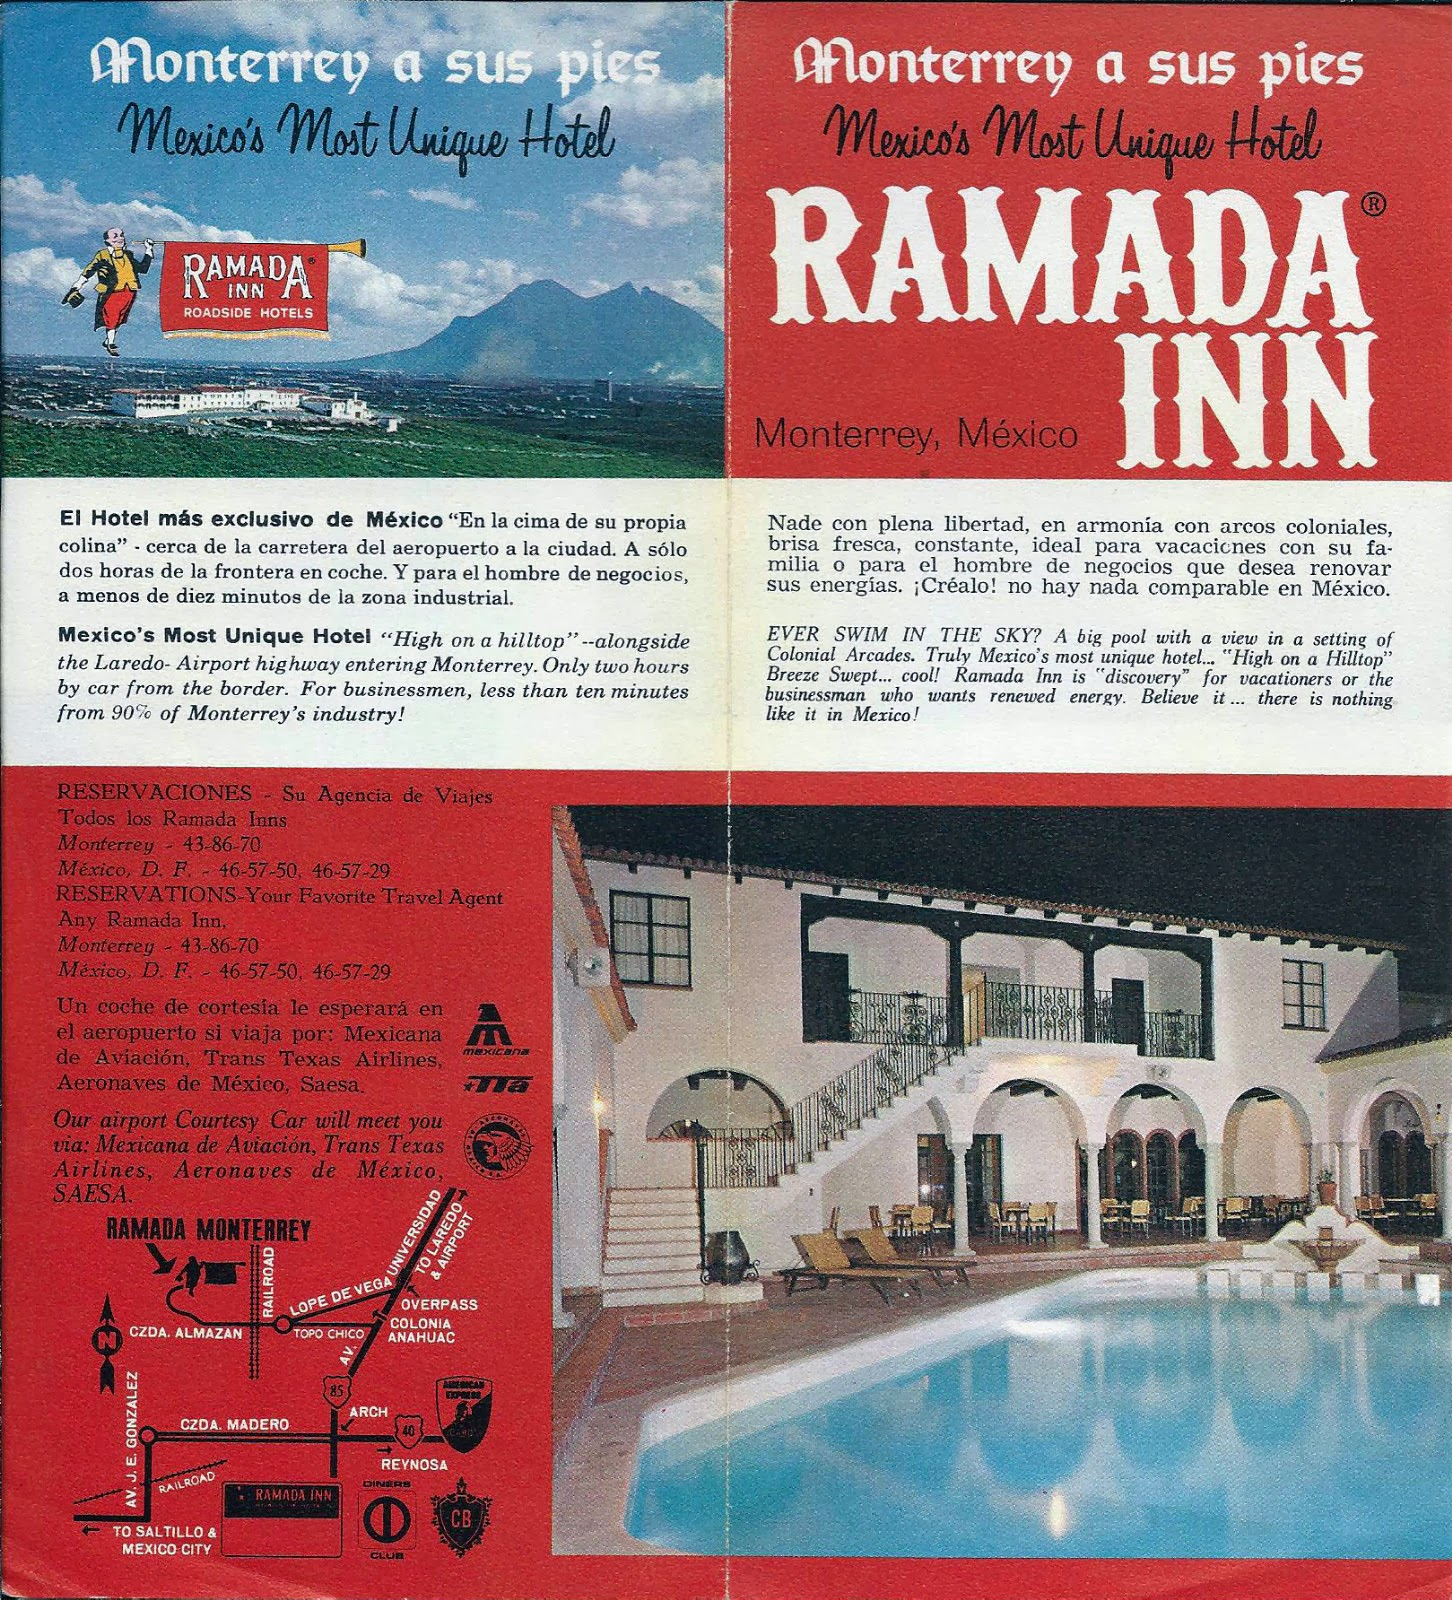 Monterrey m xico hotel ramada inn for Nombres de hoteles famosos